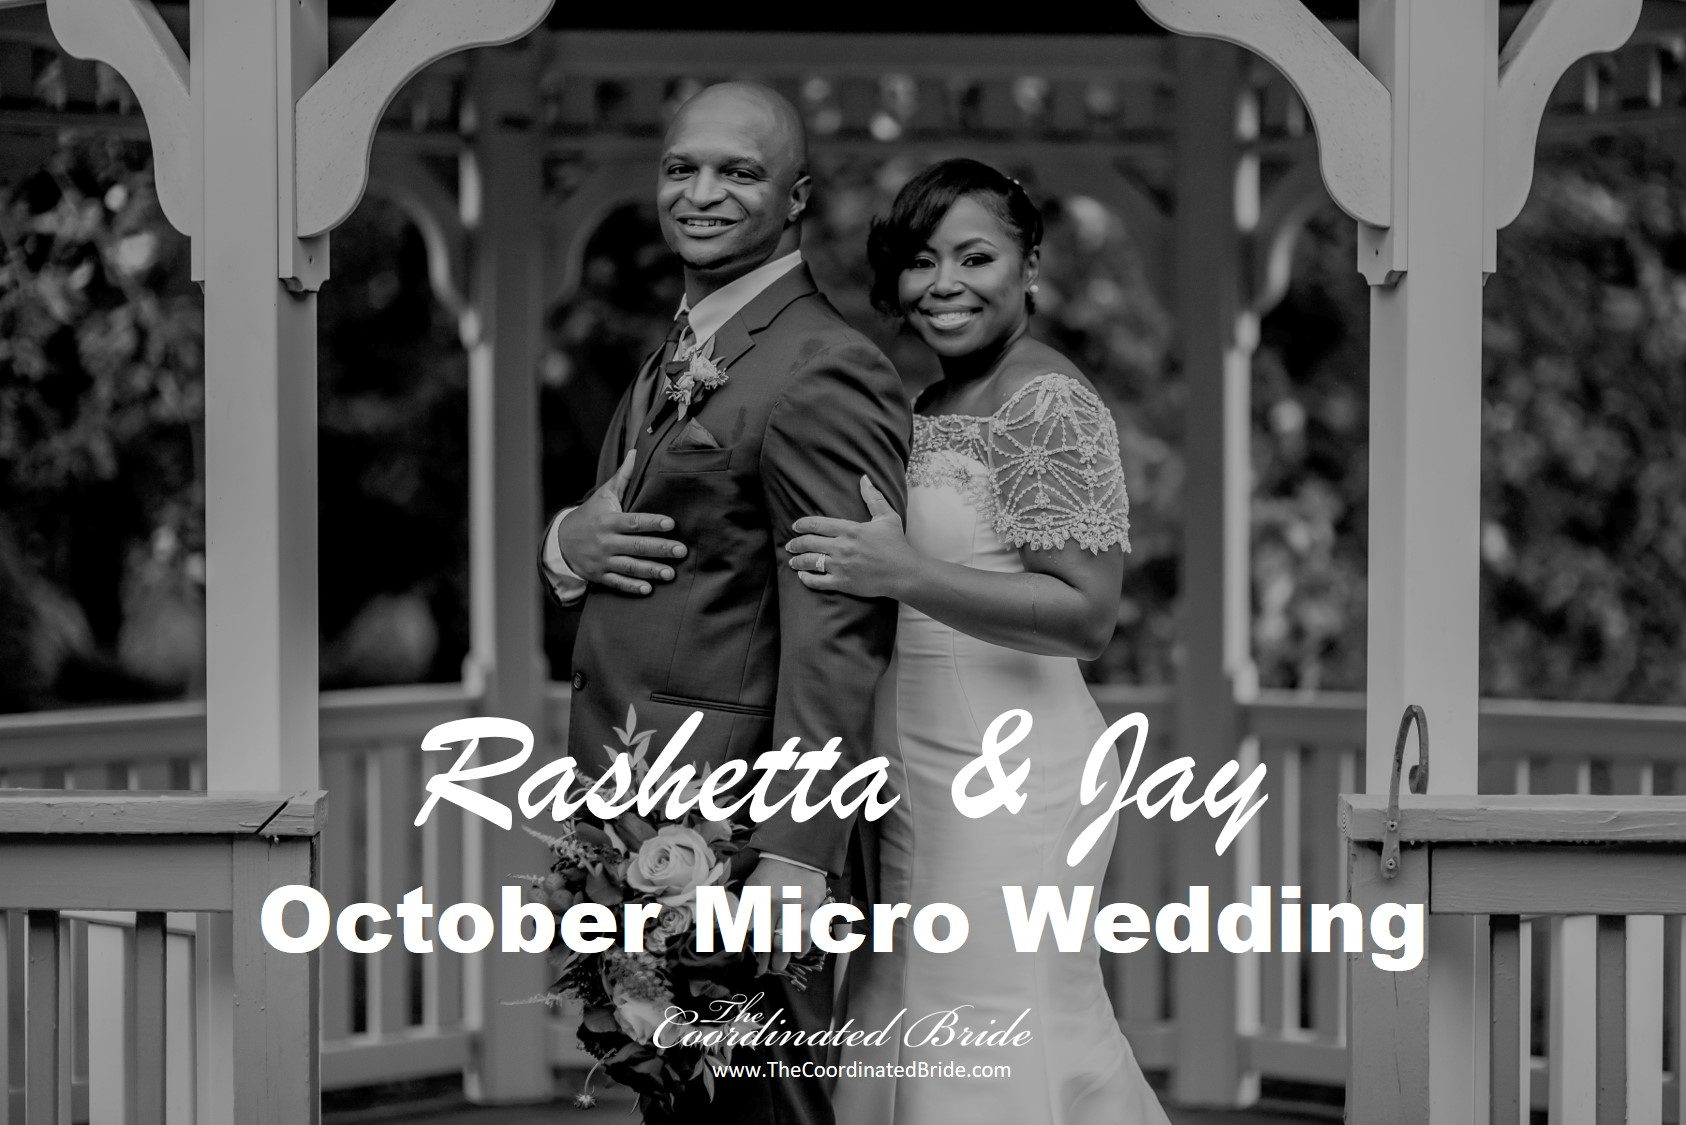 October Micro Wedding, Rashetta & Jay